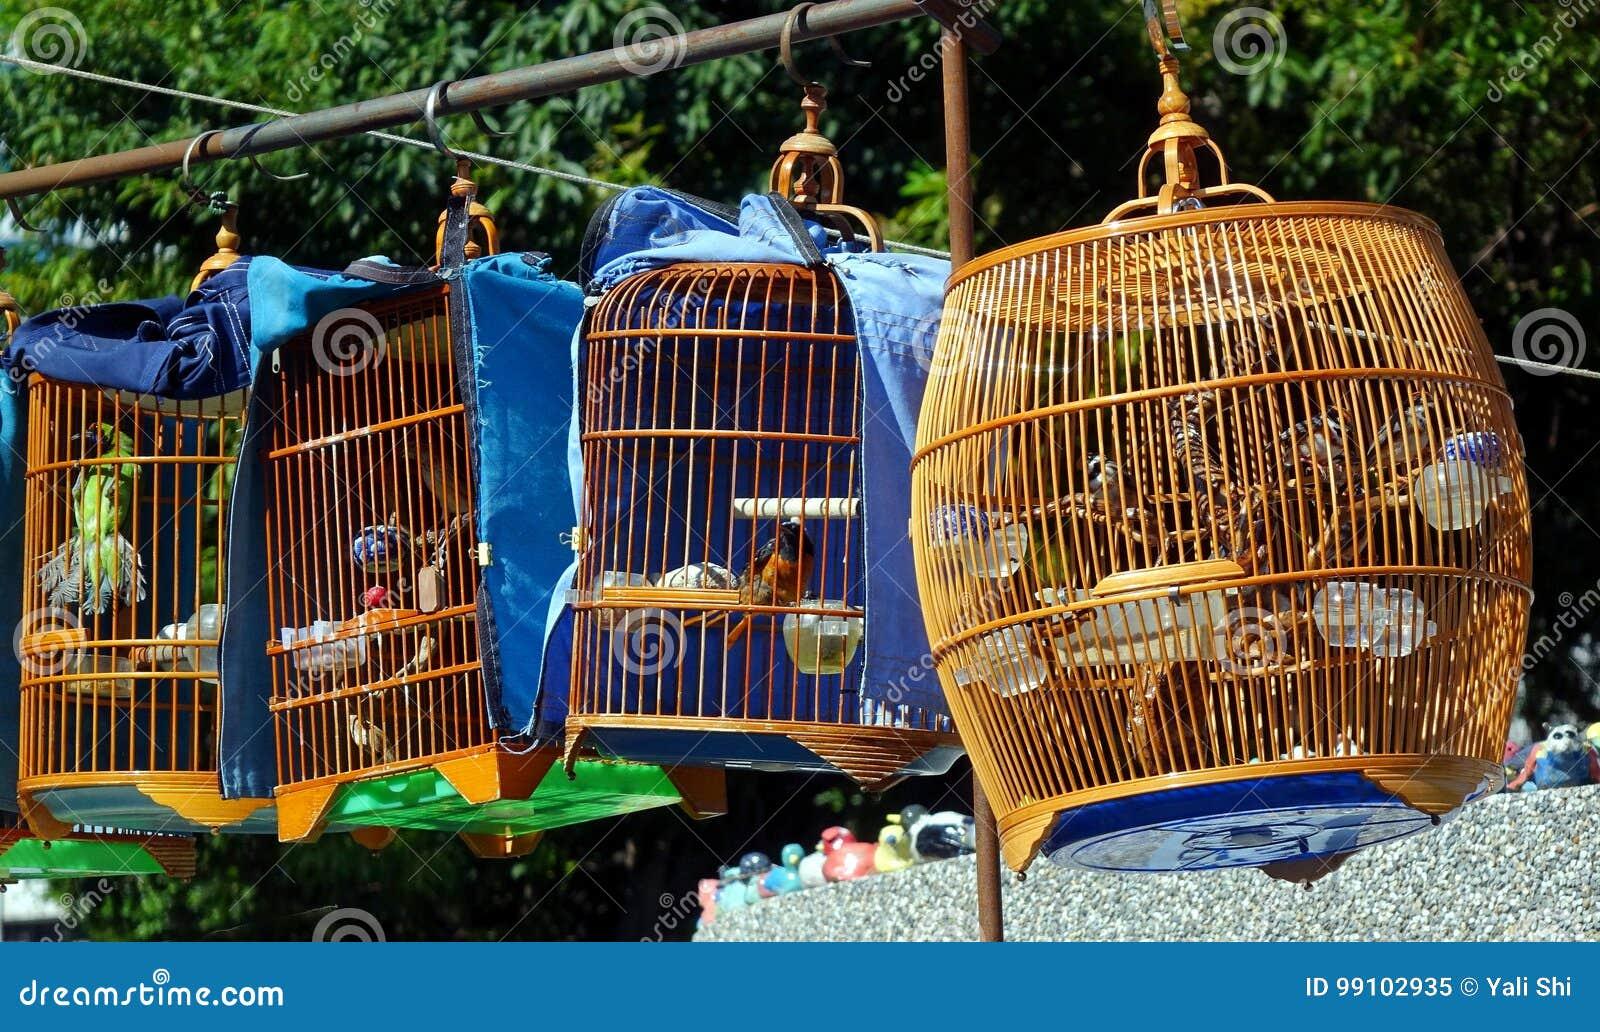 Gatuförsäljare Selling Songbirds